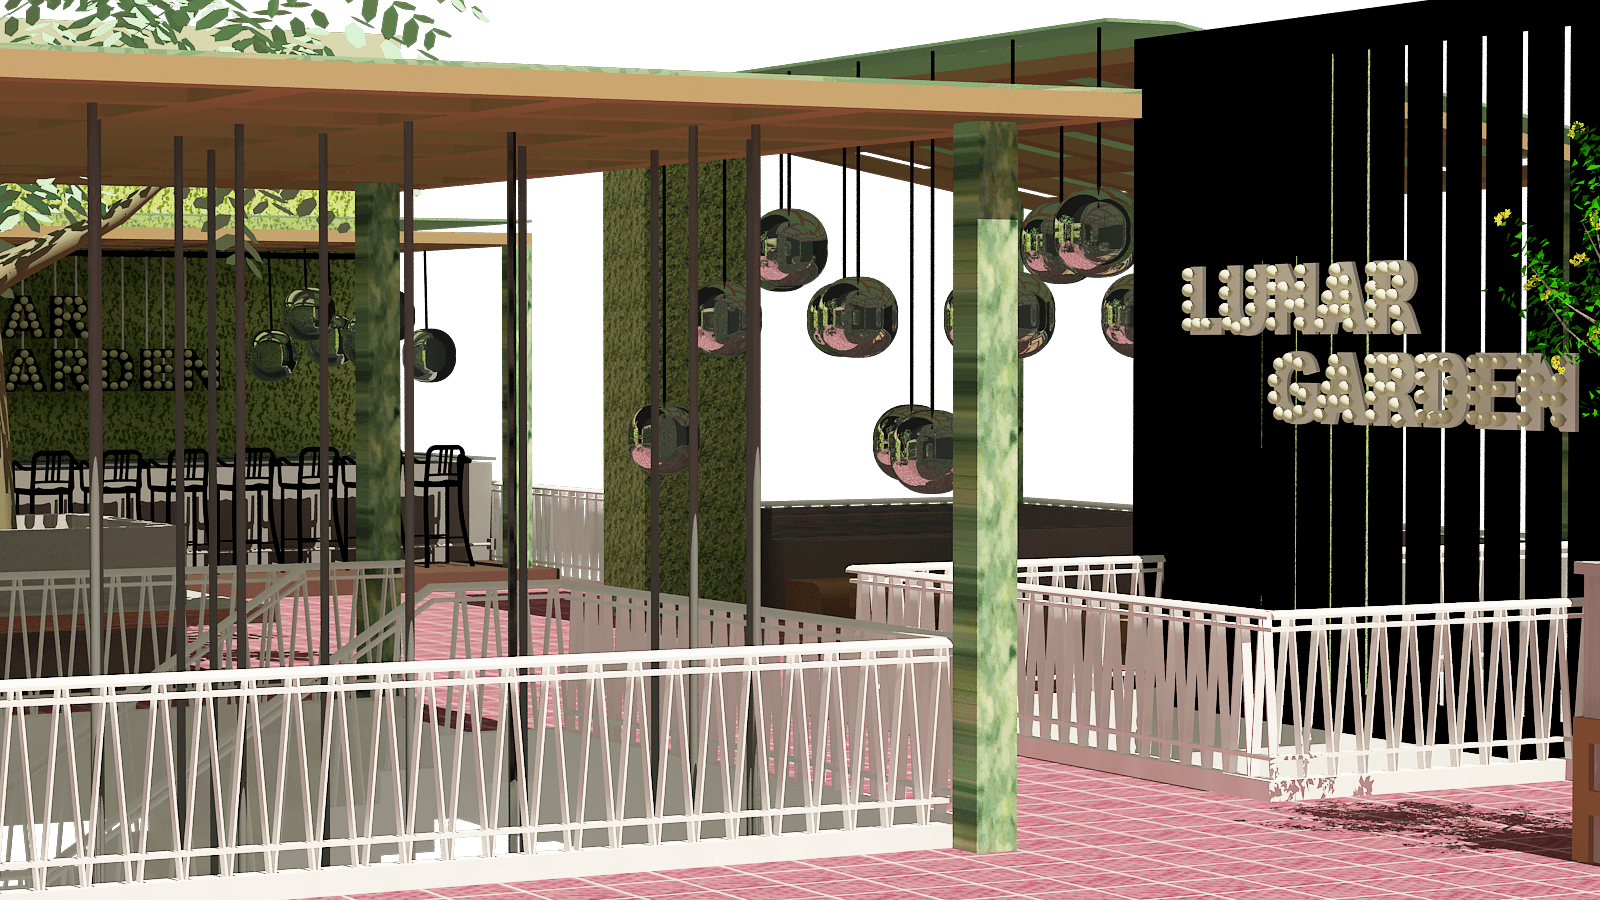 Astana Interior Lunar Garden Serpong, Kota Tangerang Selatan, Banten, Indonesia Serpong, Kota Tangerang Selatan, Banten, Indonesia Astana-Interior-Lunar-Garden  58118